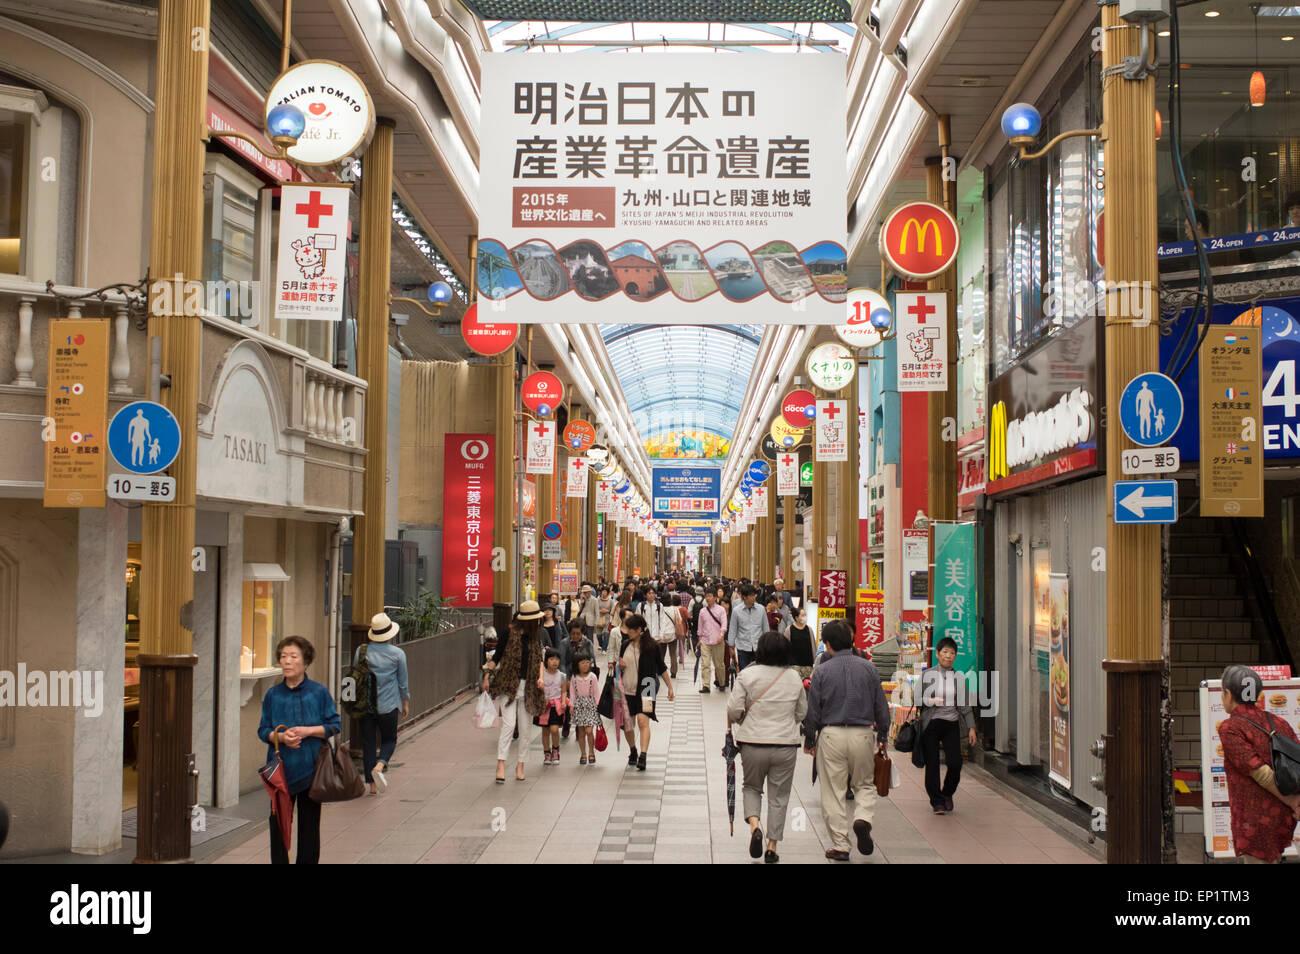 Hamanmachi Shopping Arcade, Nagasaki, Japan - Stock Image